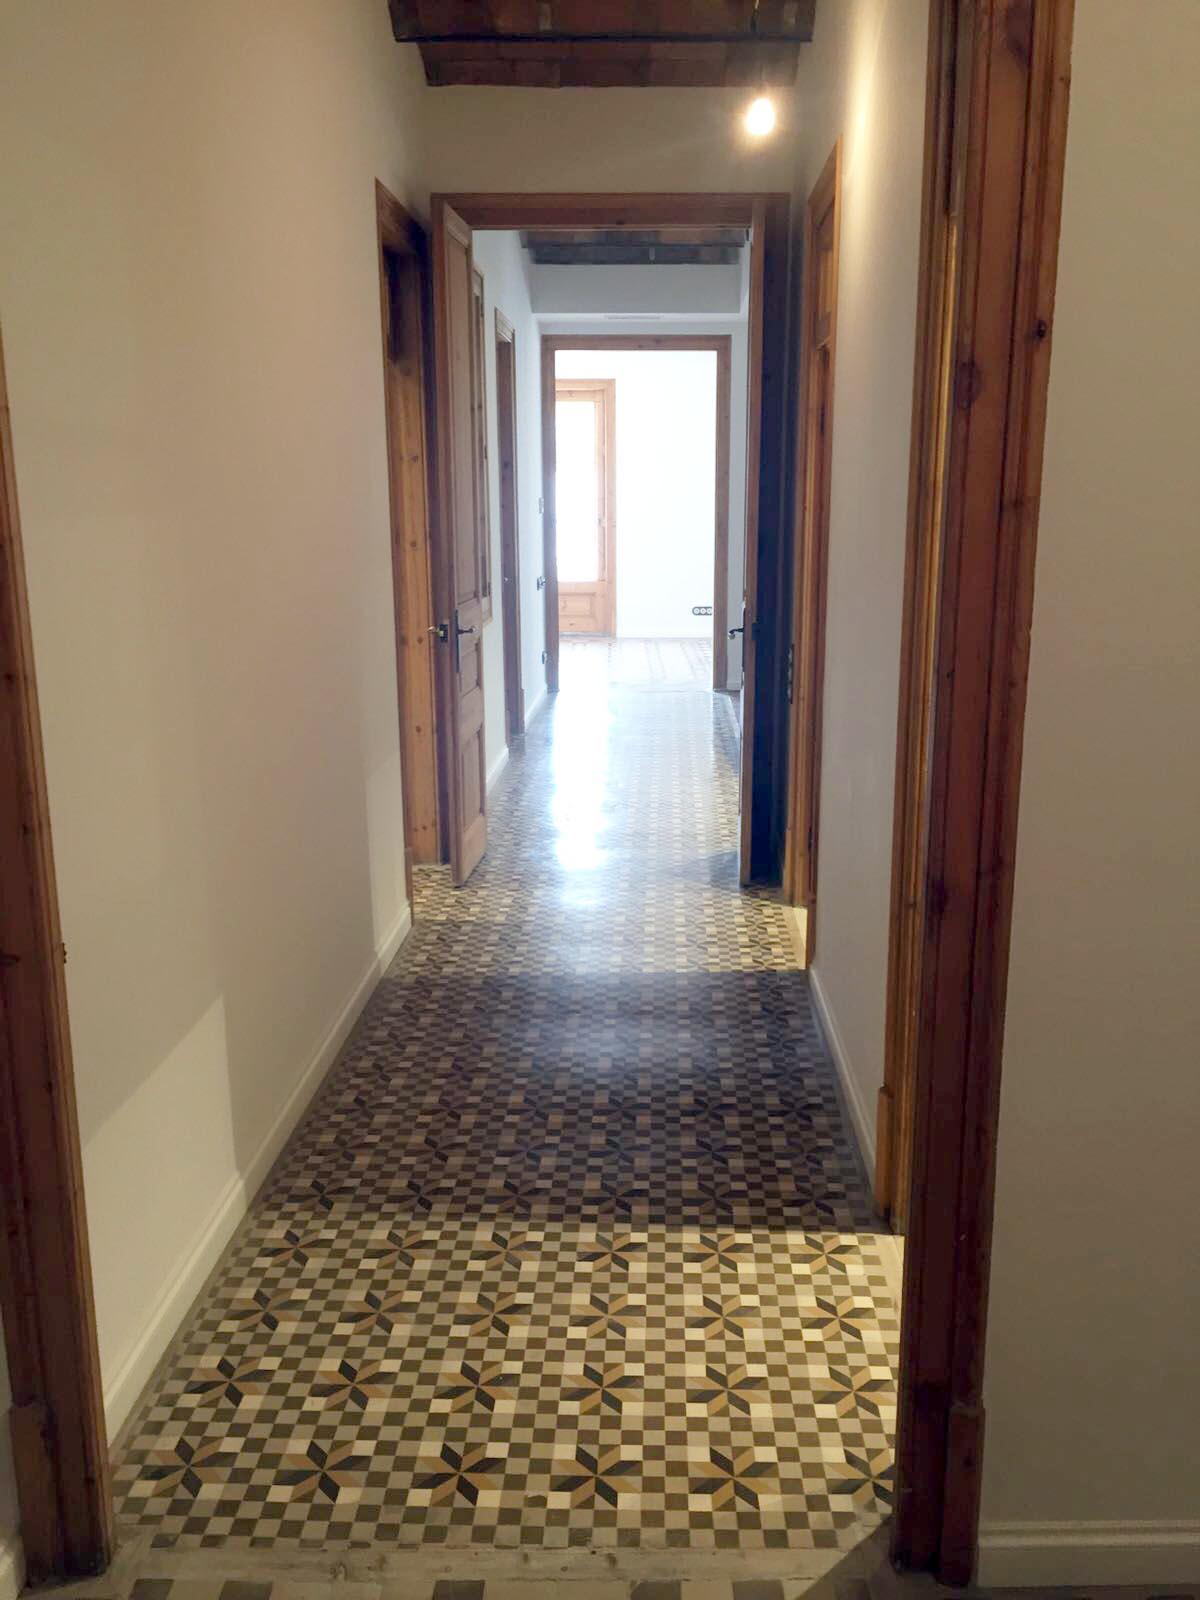 MosaicosBarcelona-Recuperacion-suelo-nolla-en-vivienda-calle-Trafalgar-Barcelona